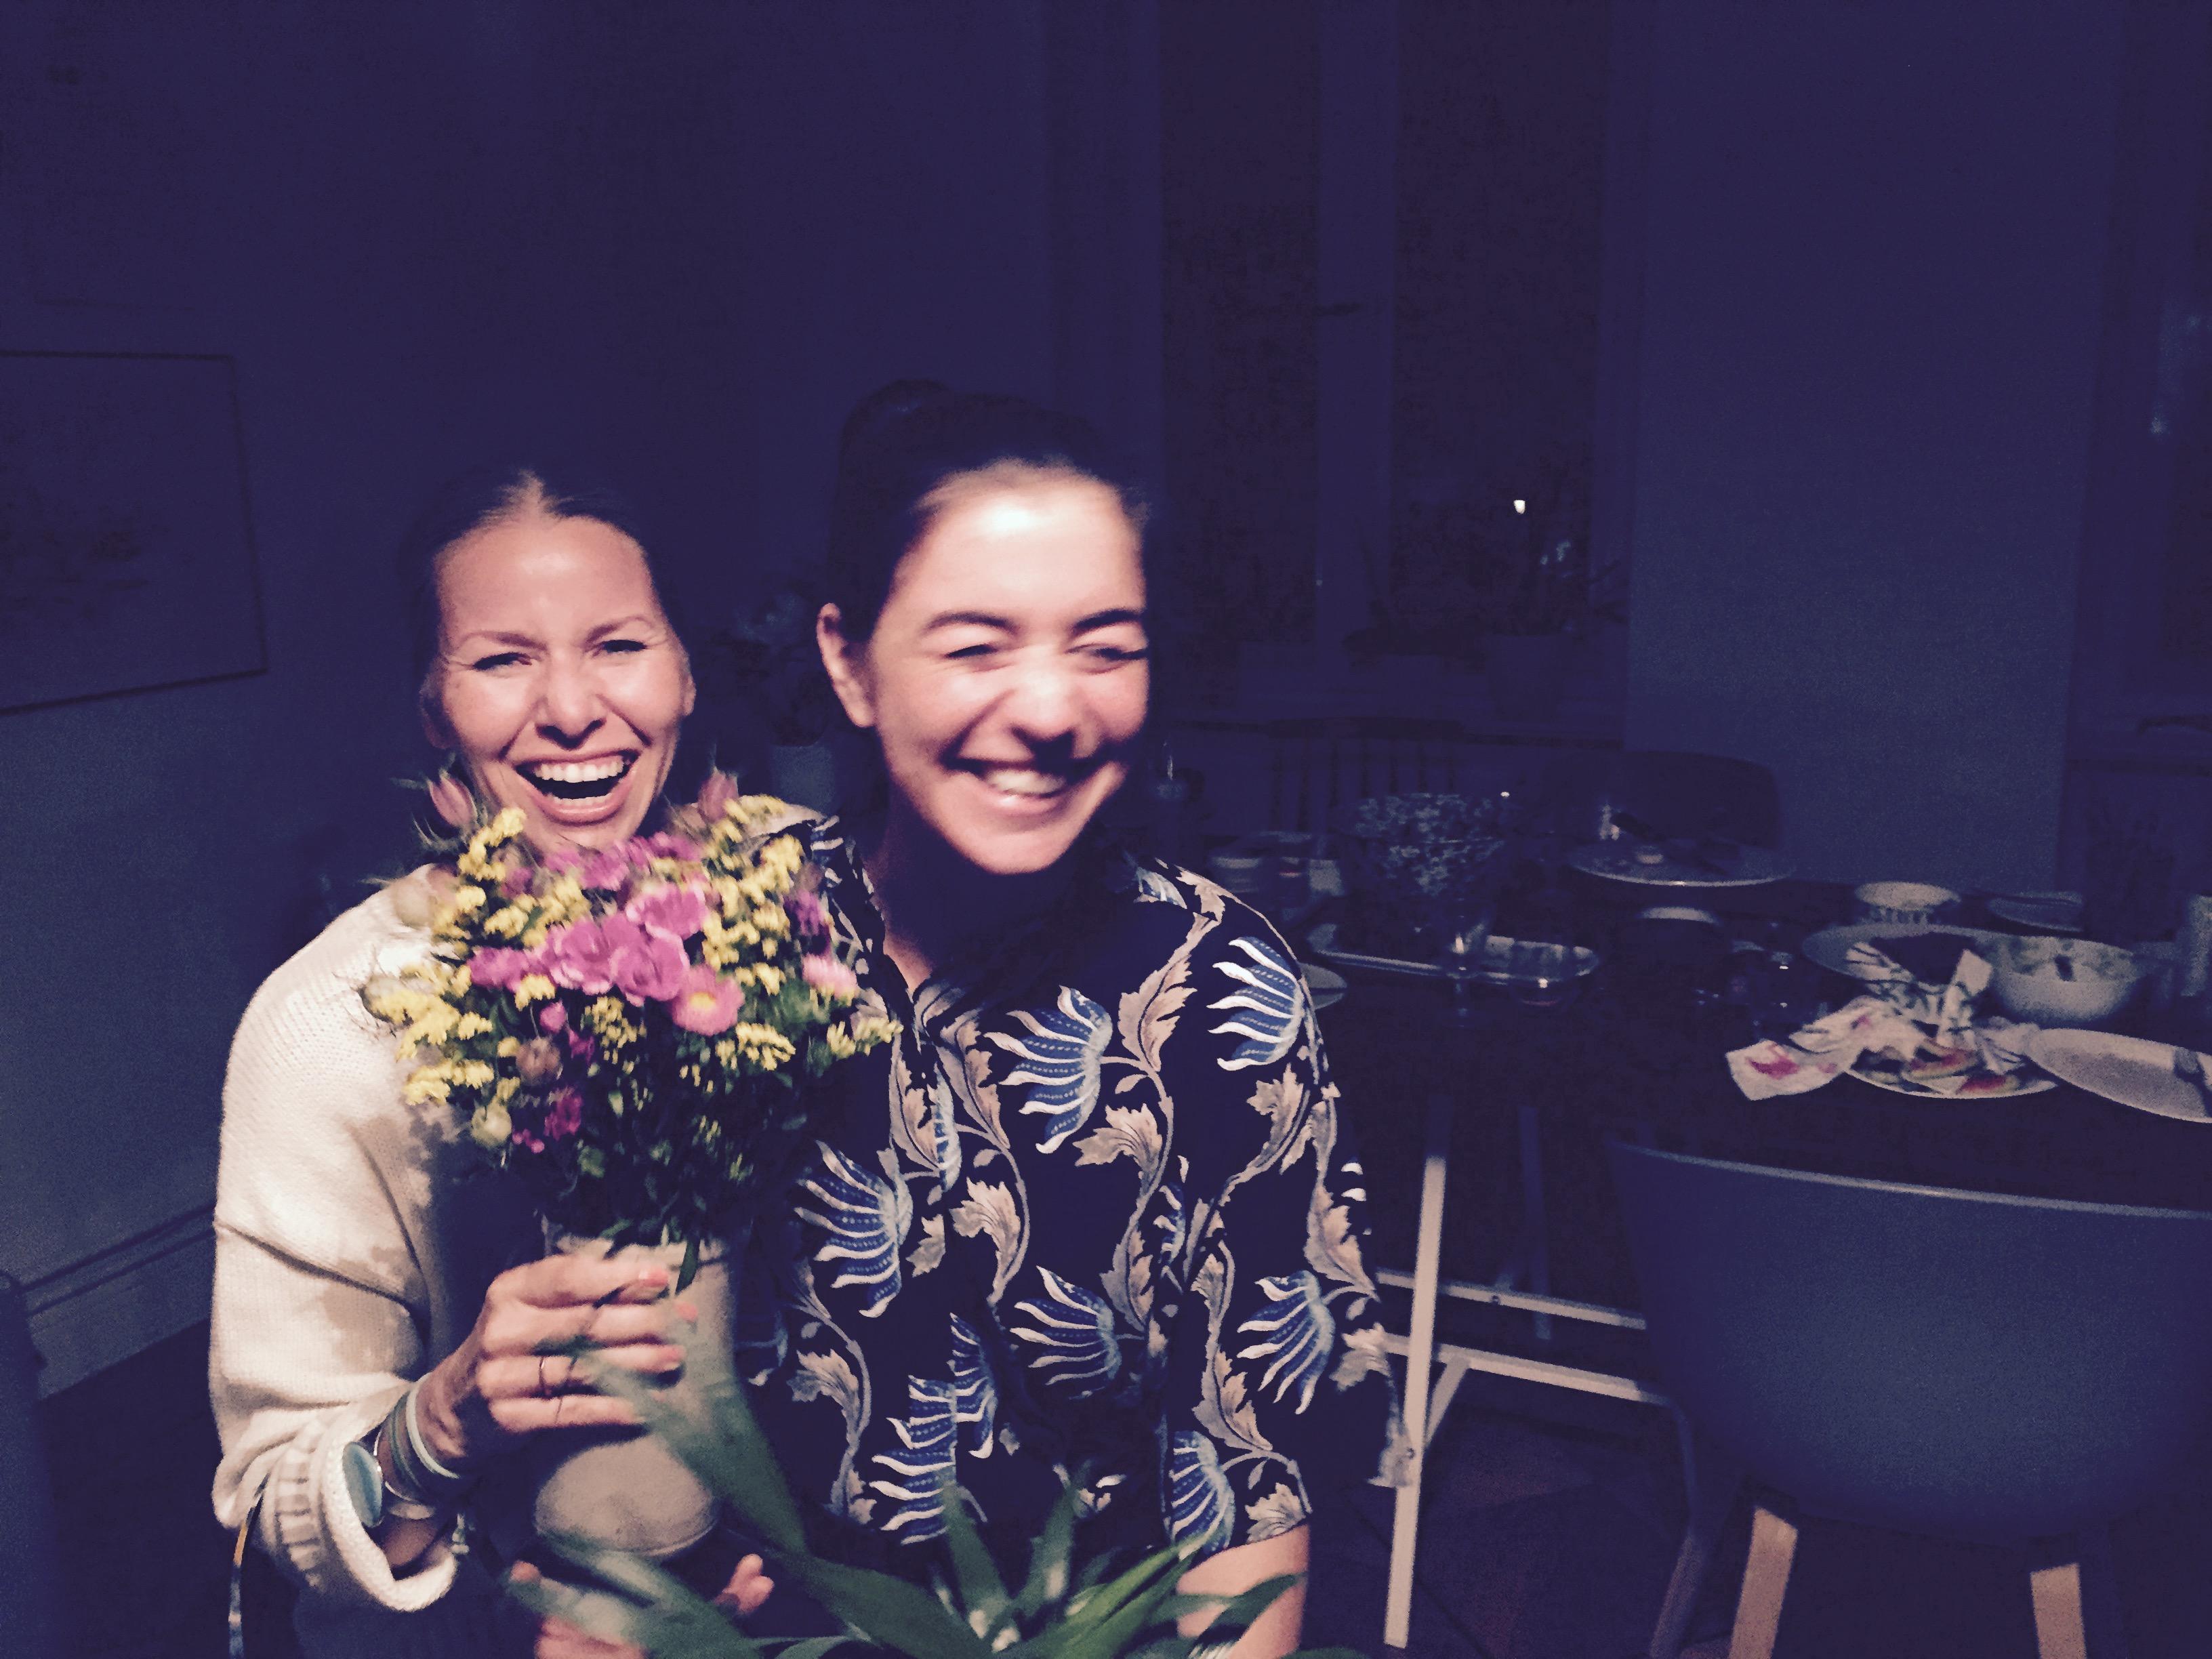 Madeleine und Janine bei der Geburtstagsfeier von Ari von Primer & Lacquer